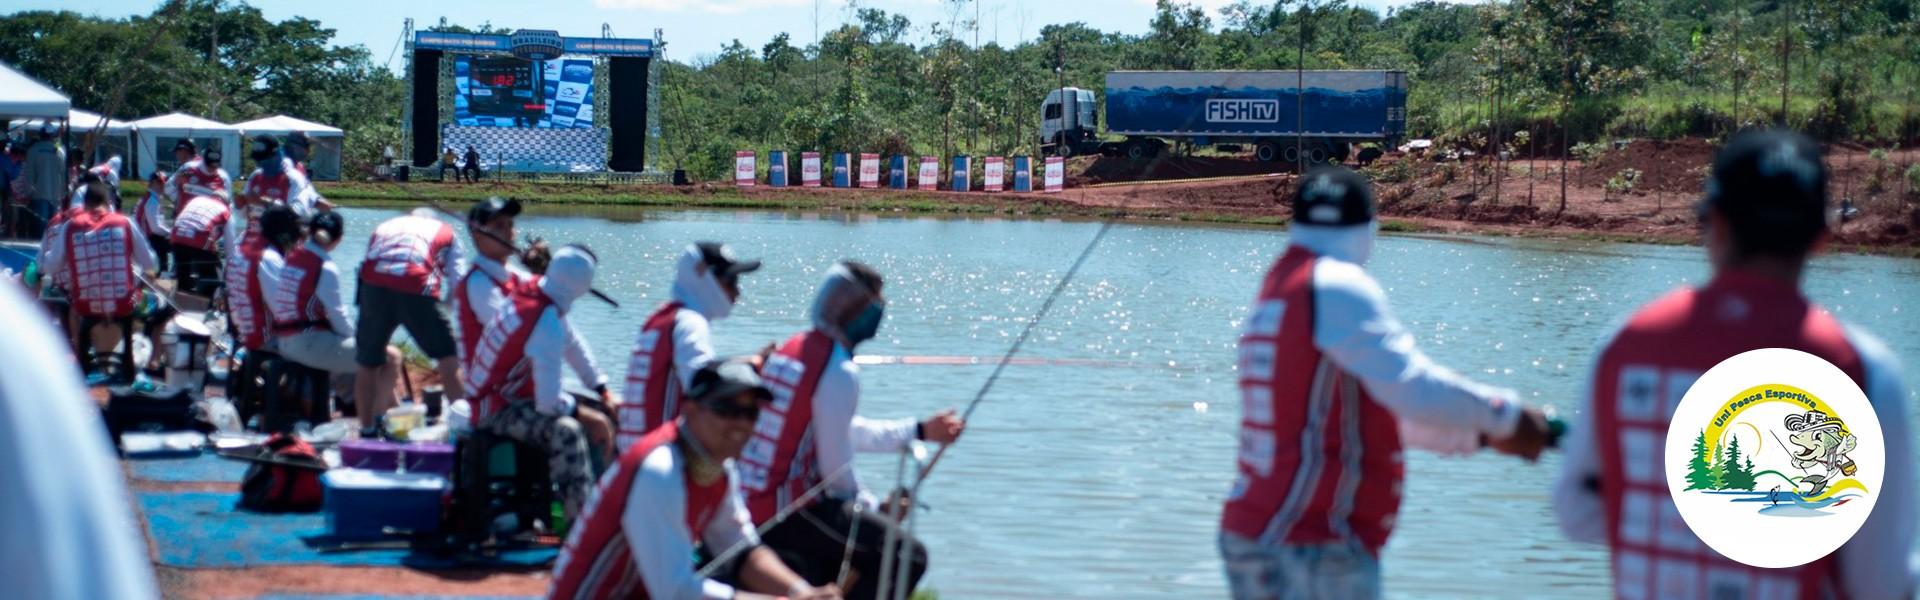 Campeonato Brasileiro em Pesqueiros, Minas Gerais